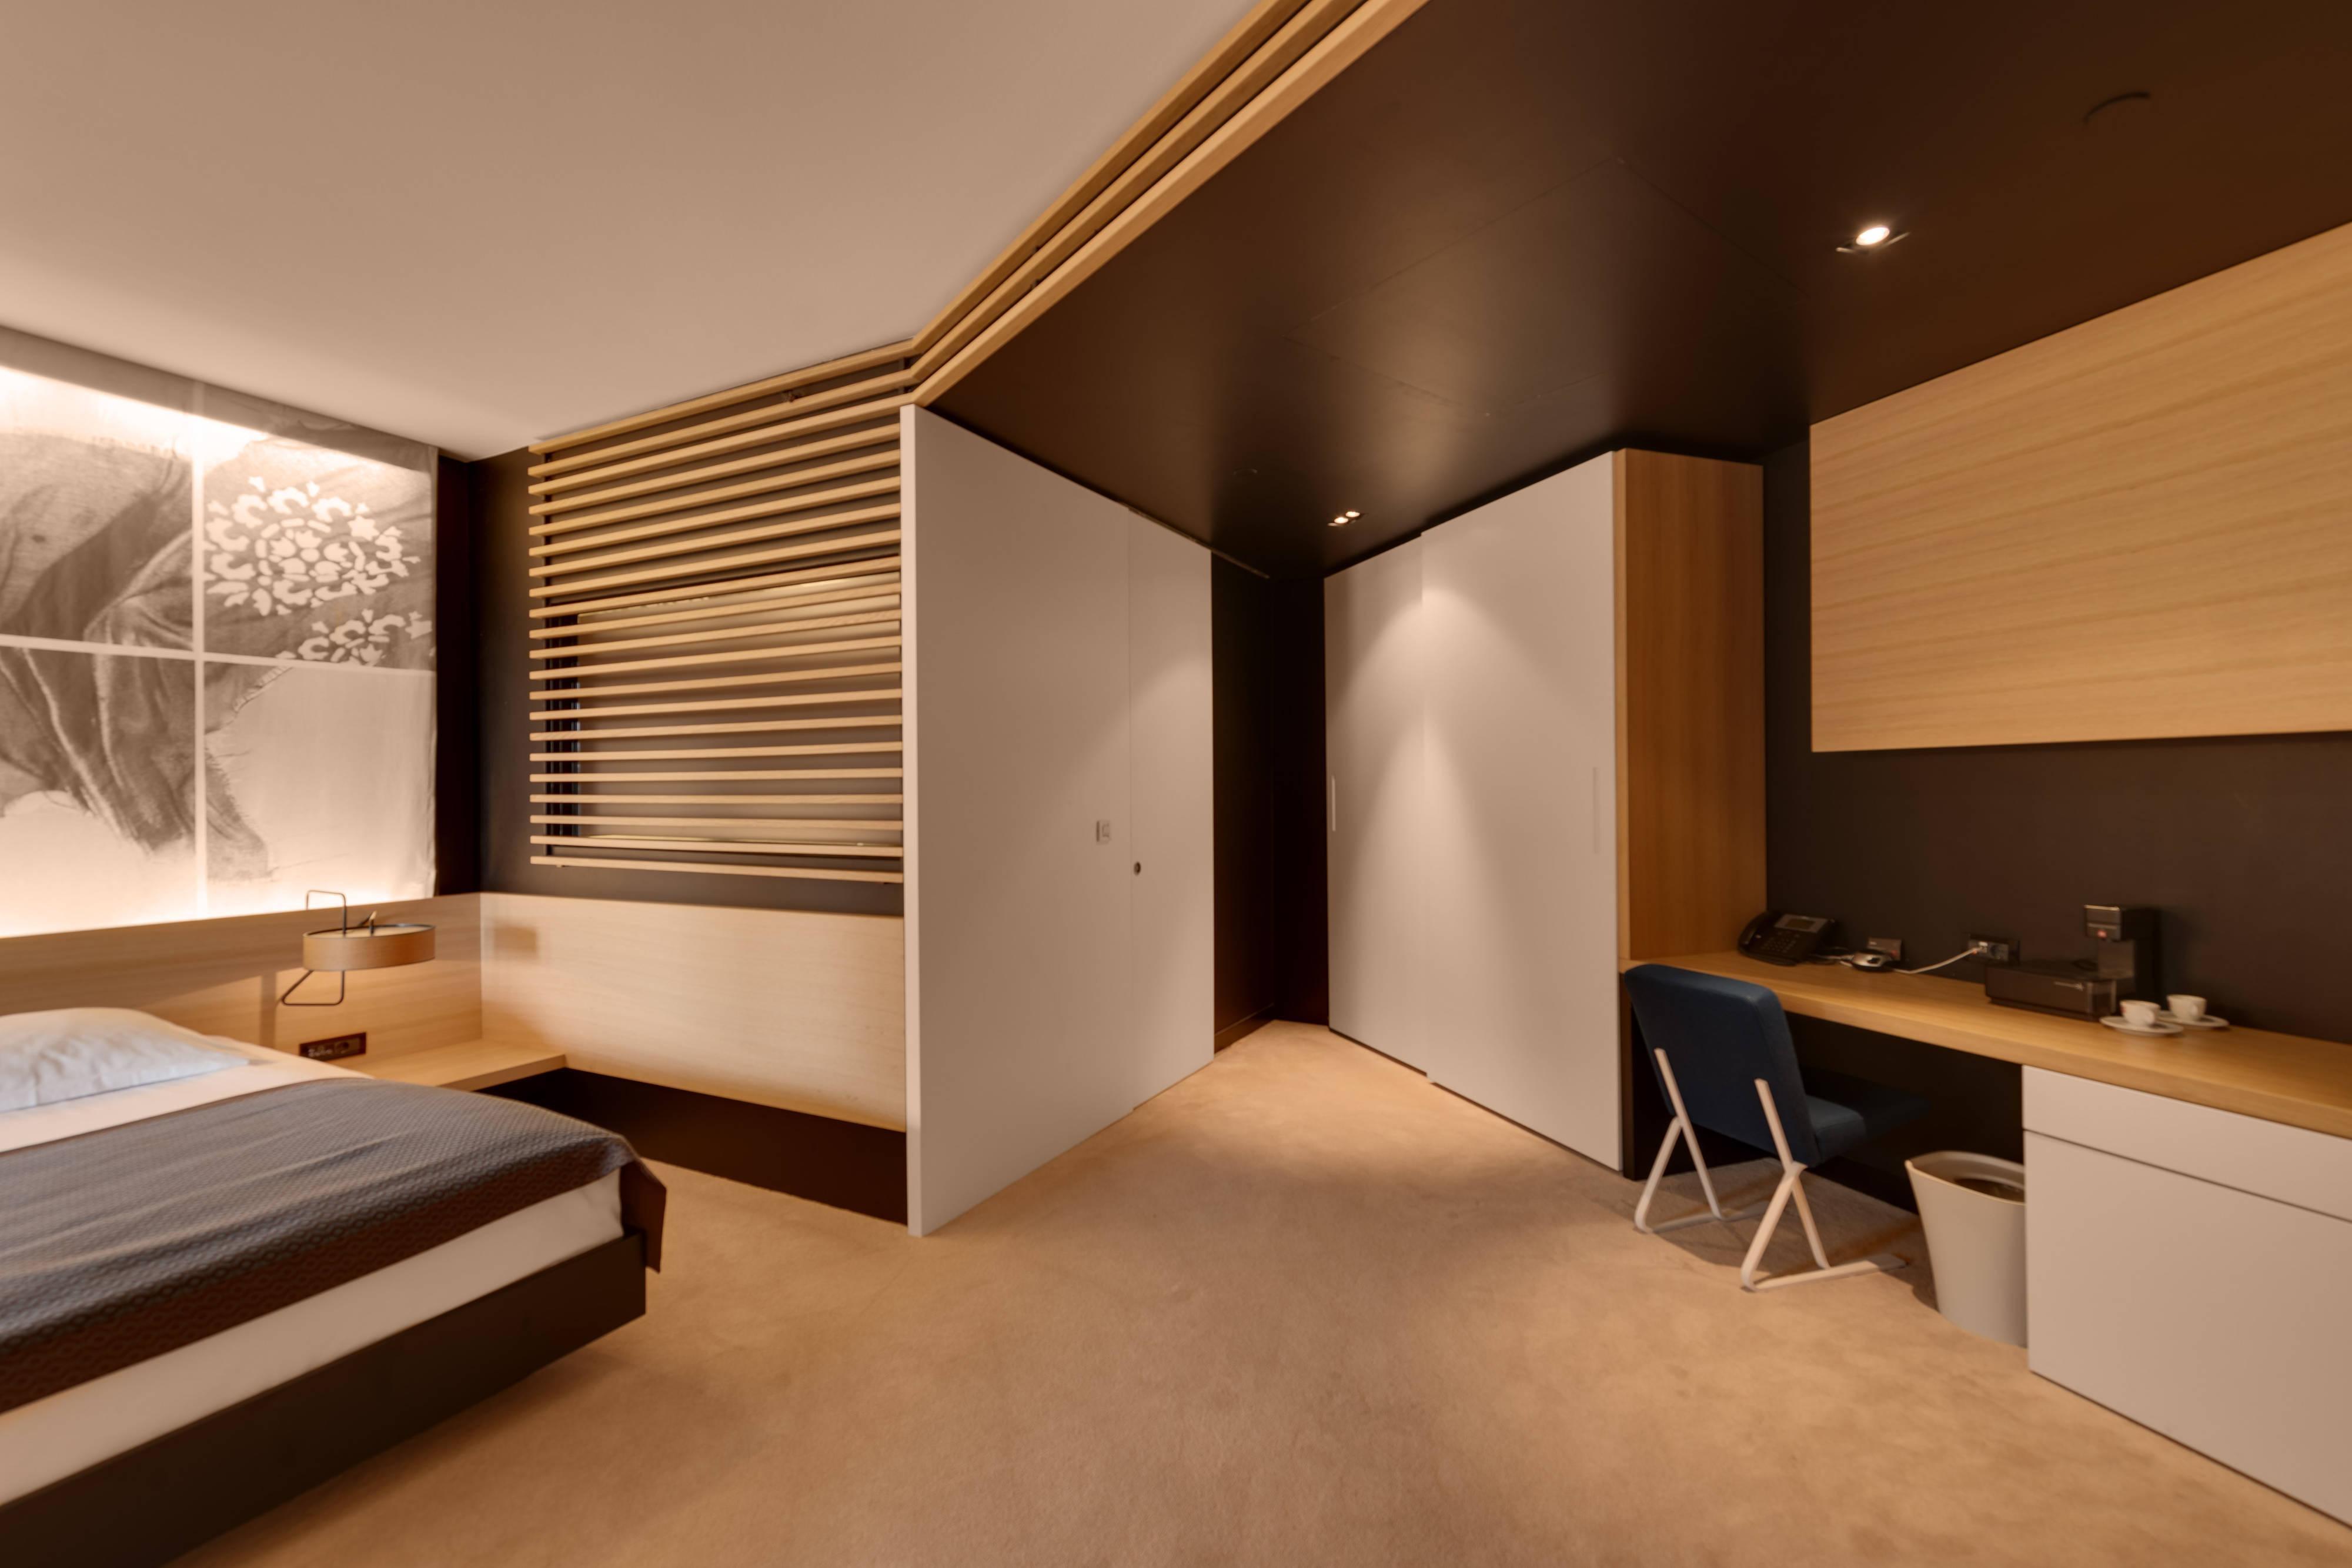 Galerie Suite - Schlafzimmer